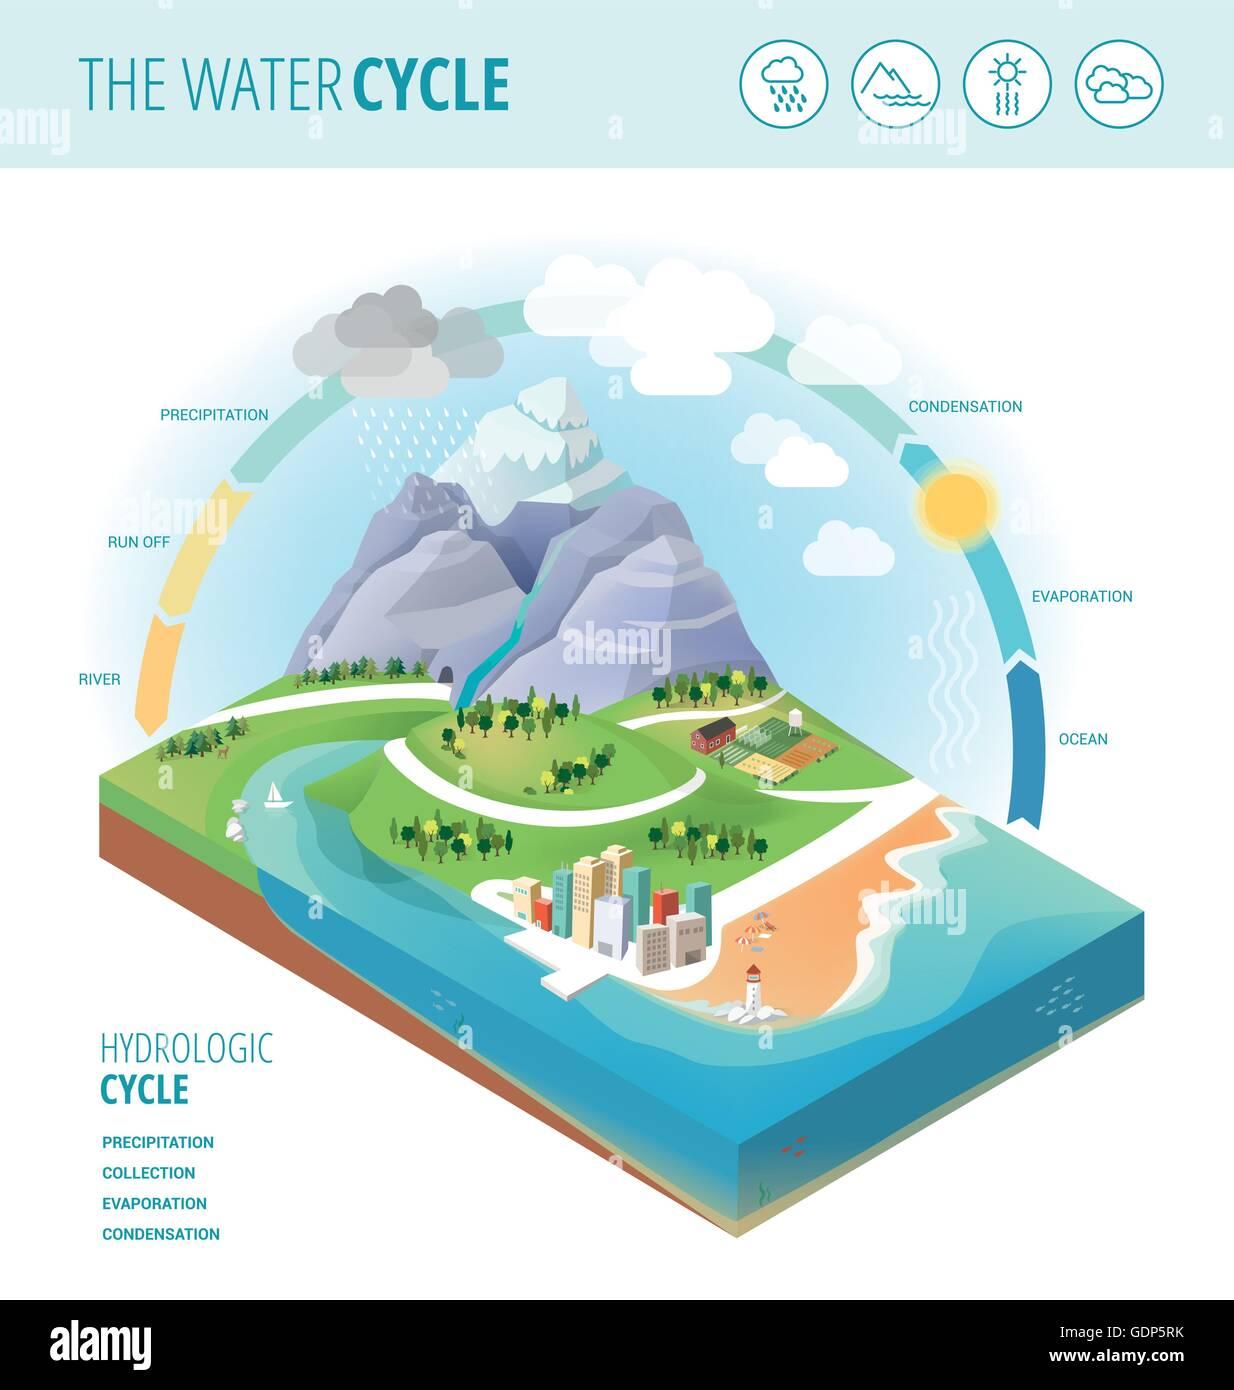 hight resolution of diagrama que muestra el ciclo del agua la recolecci n de precipitaci n evaporaci n y condensaci n